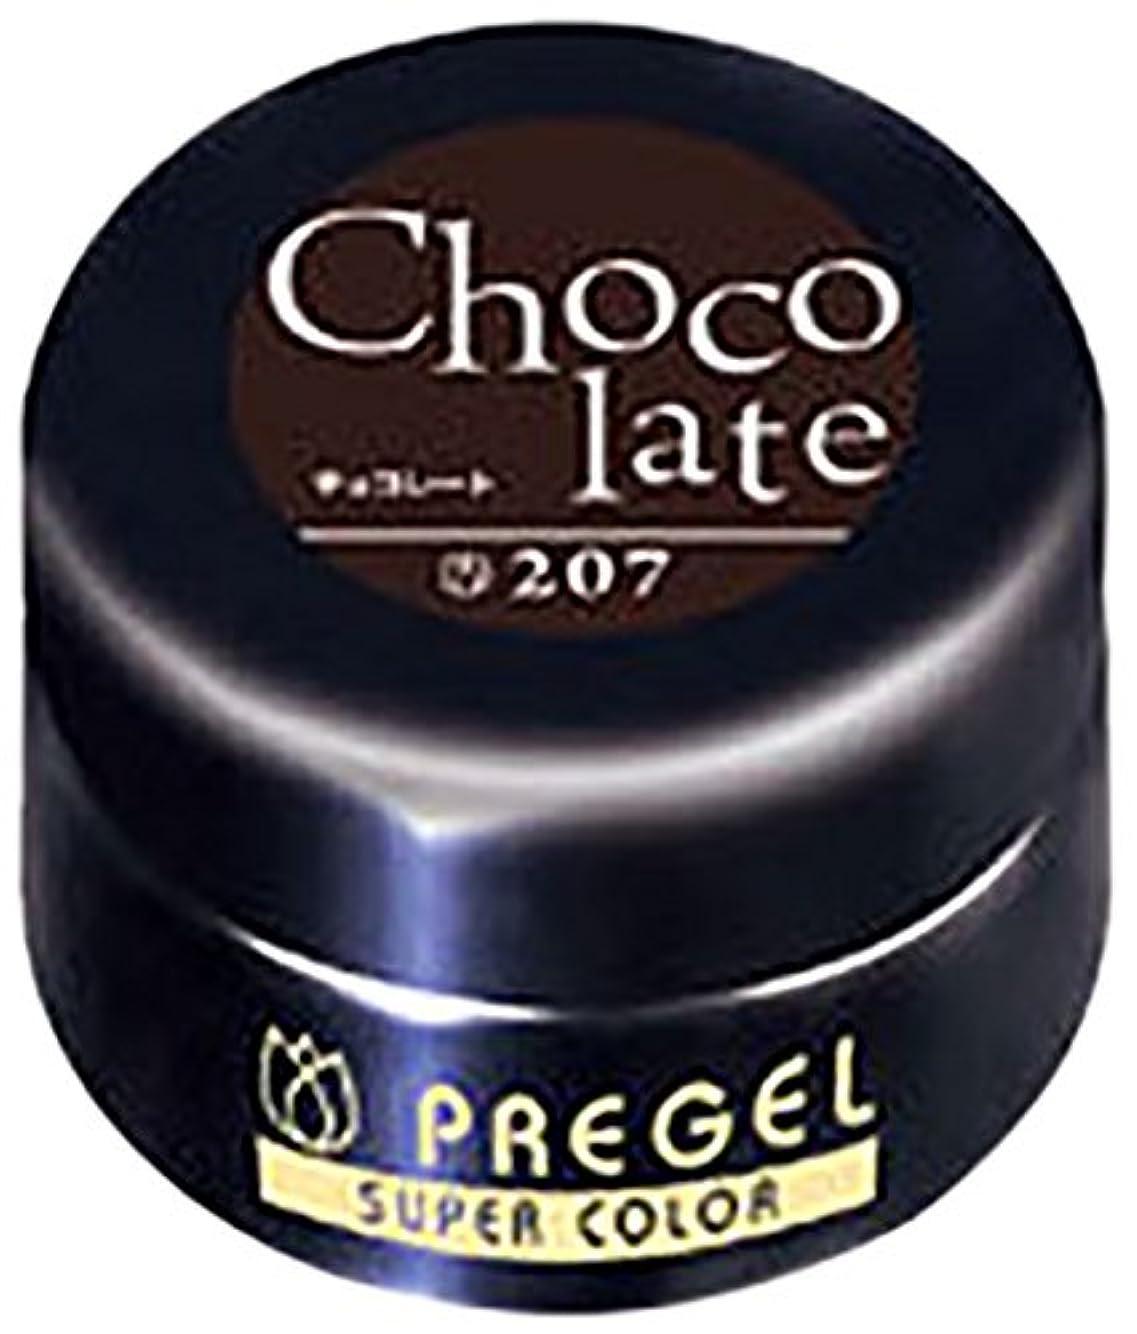 統治可能臭い追い越すプリジェル ジェルネイル スーパーカラーEX チョコレート 4g PG-SE207